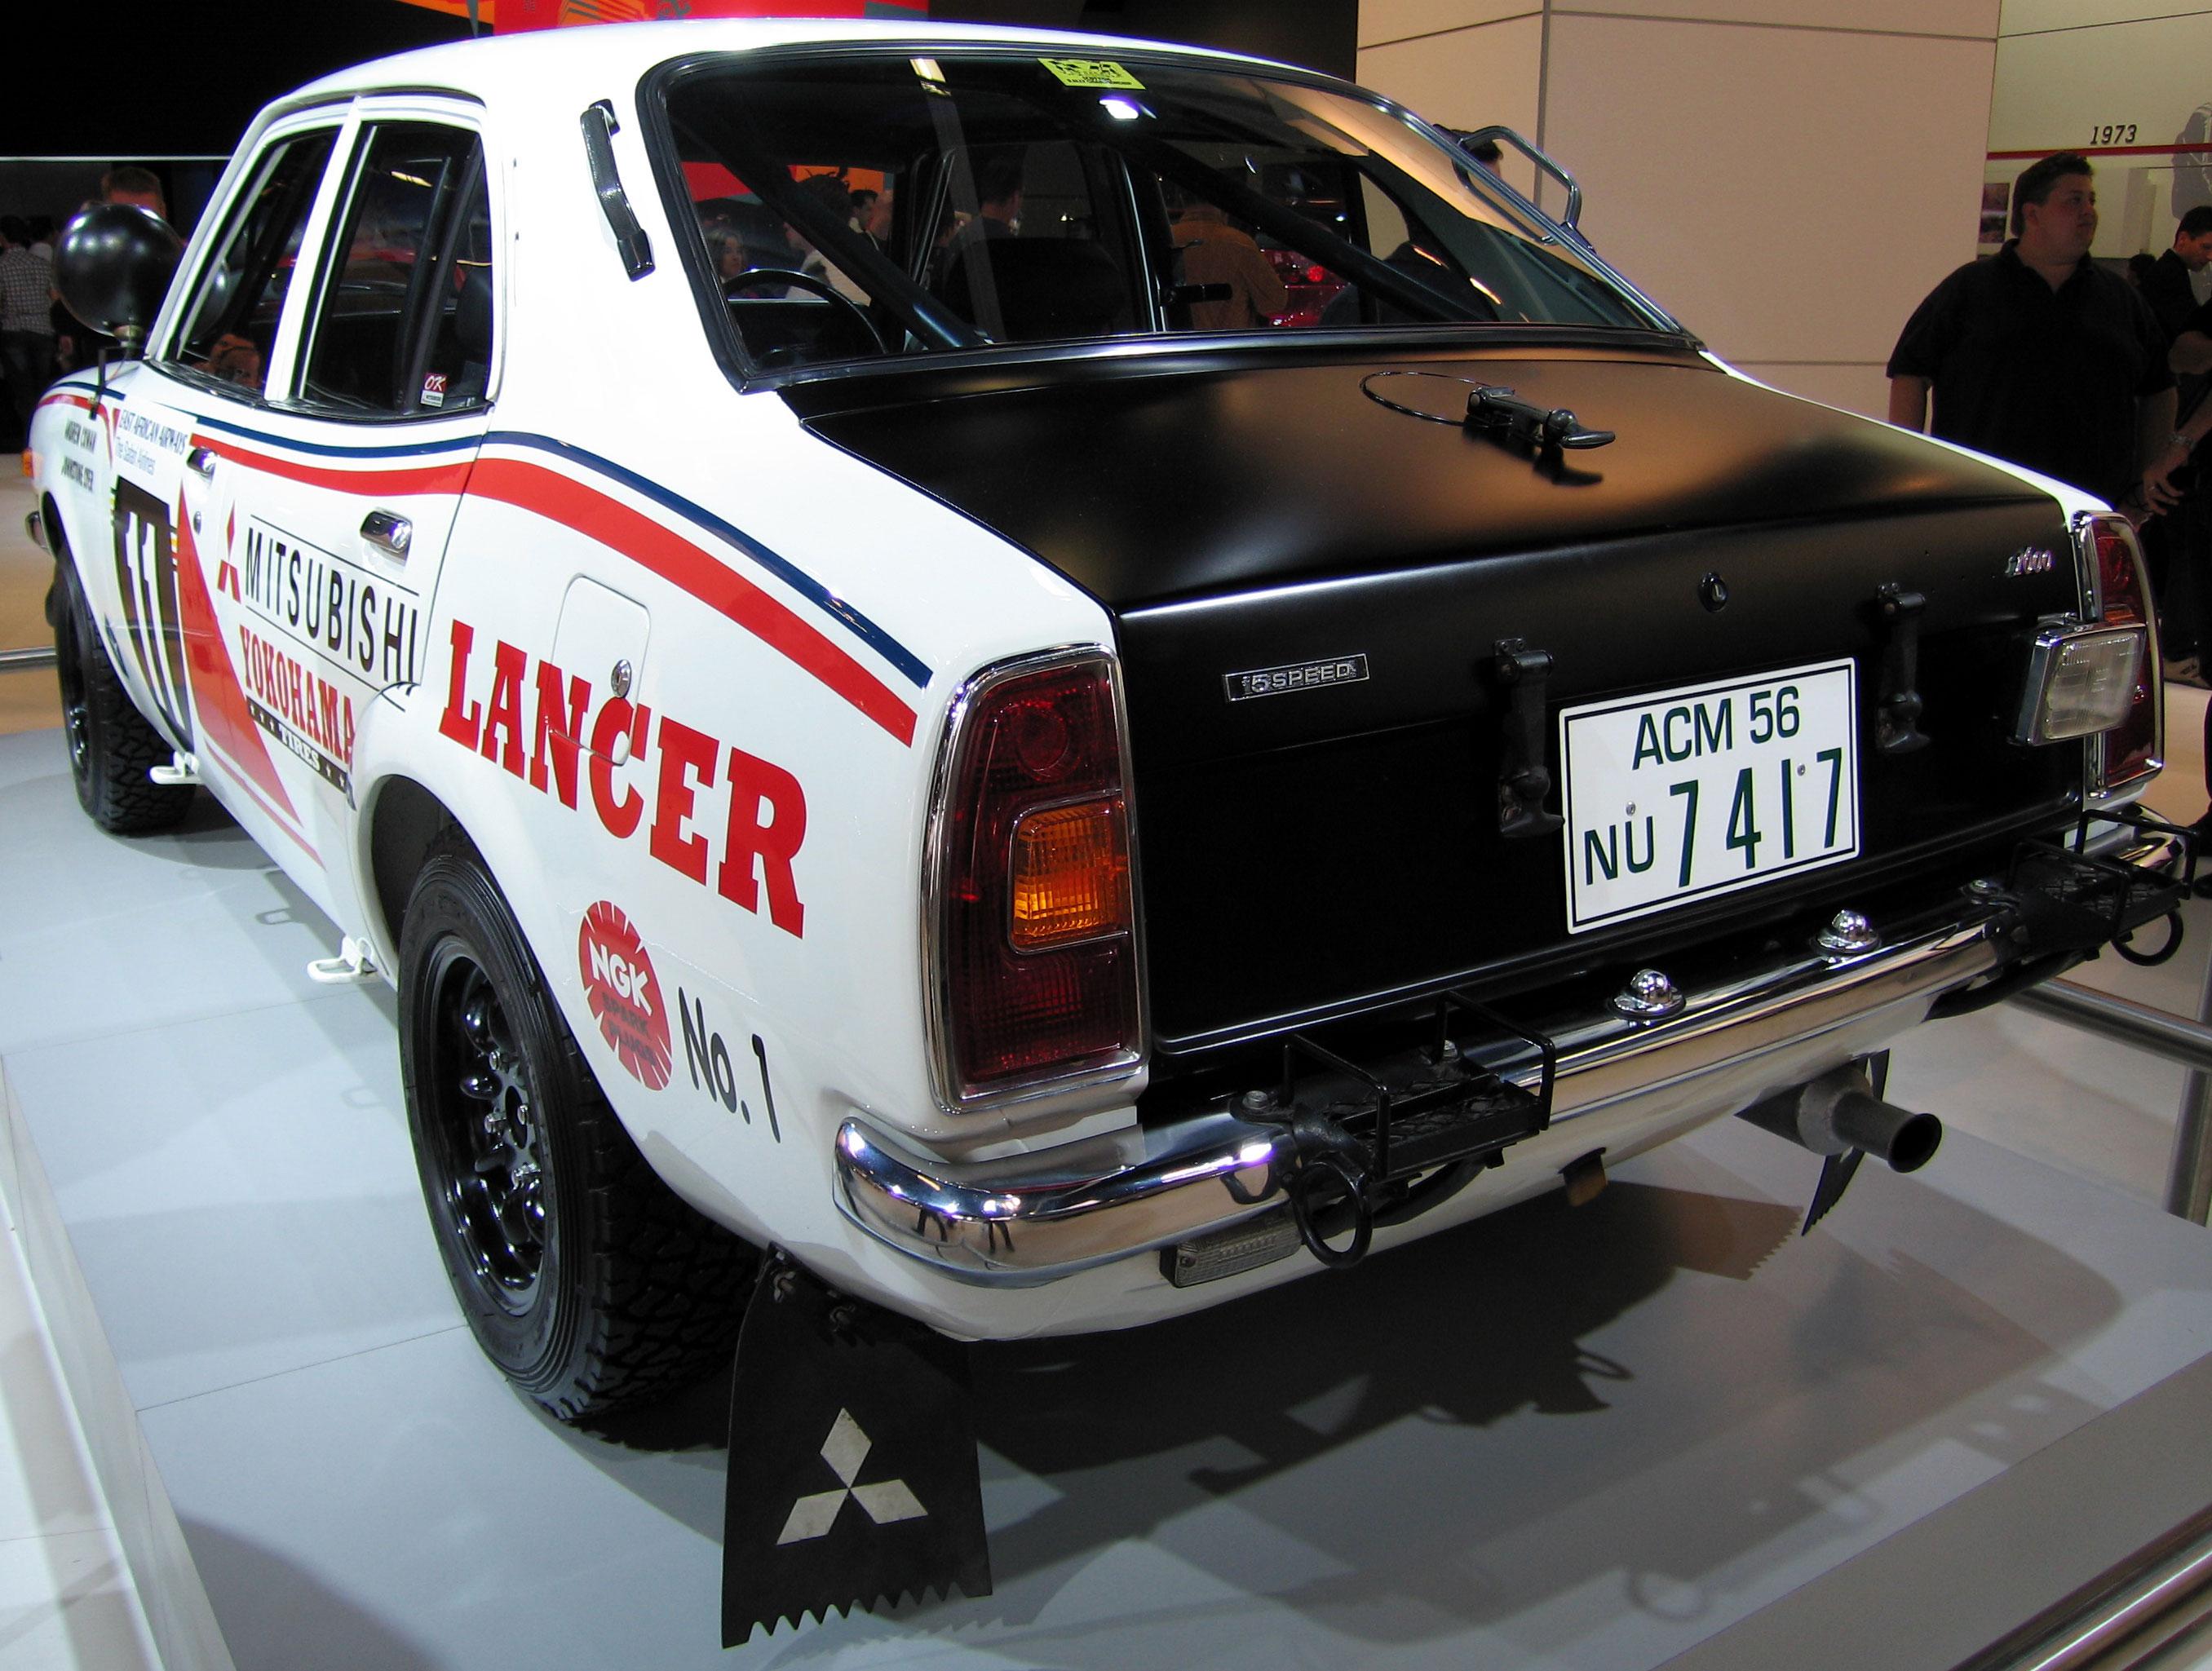 Mitsubishi Lancer 1600 GSR